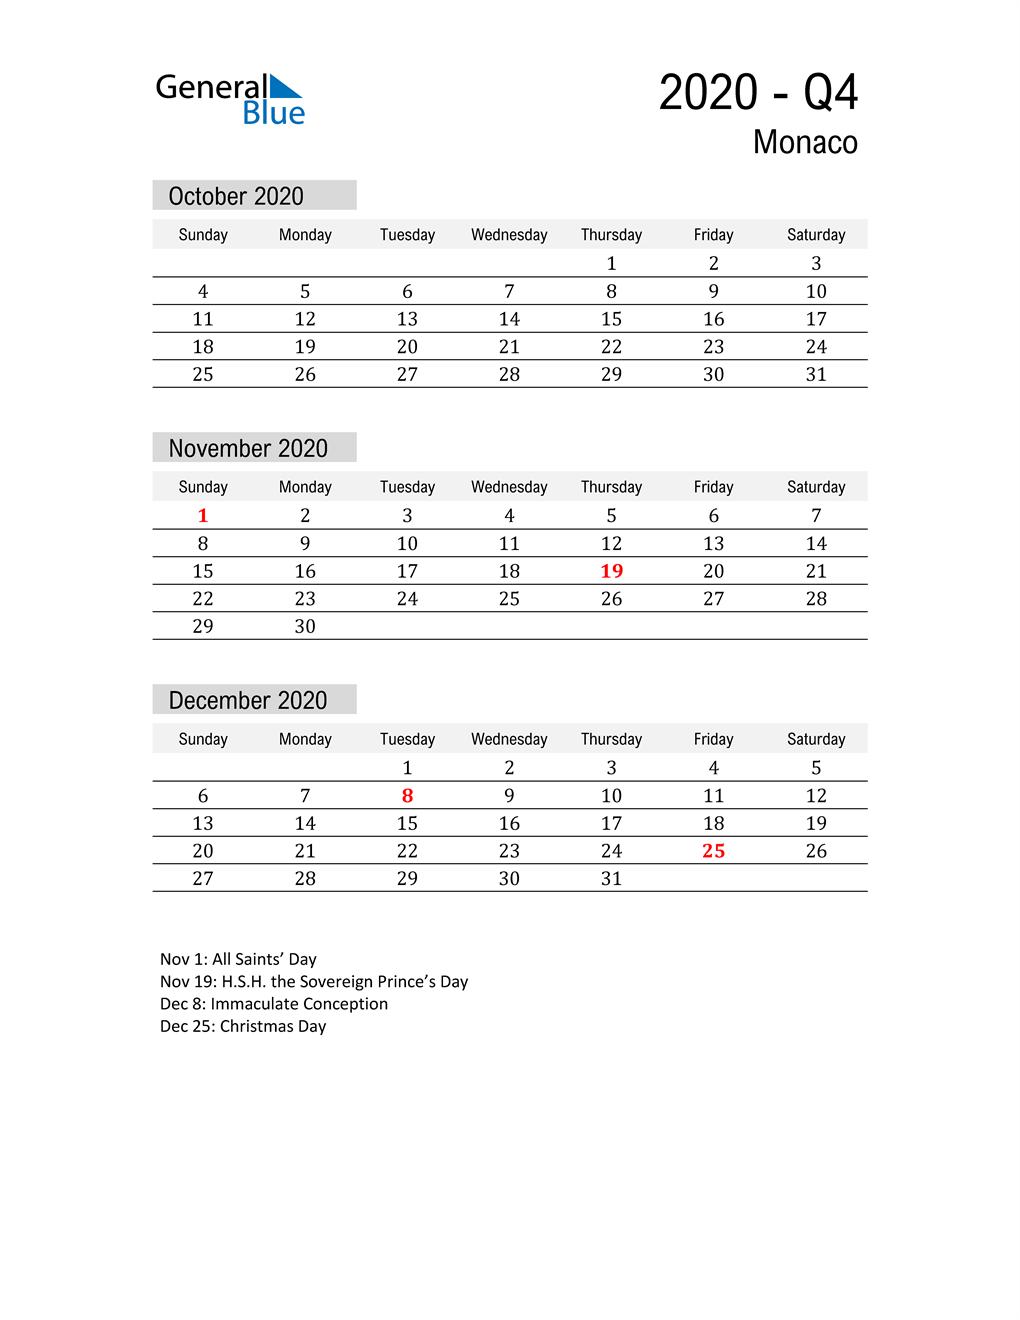 Monaco Quarter 4 2020 Calendar